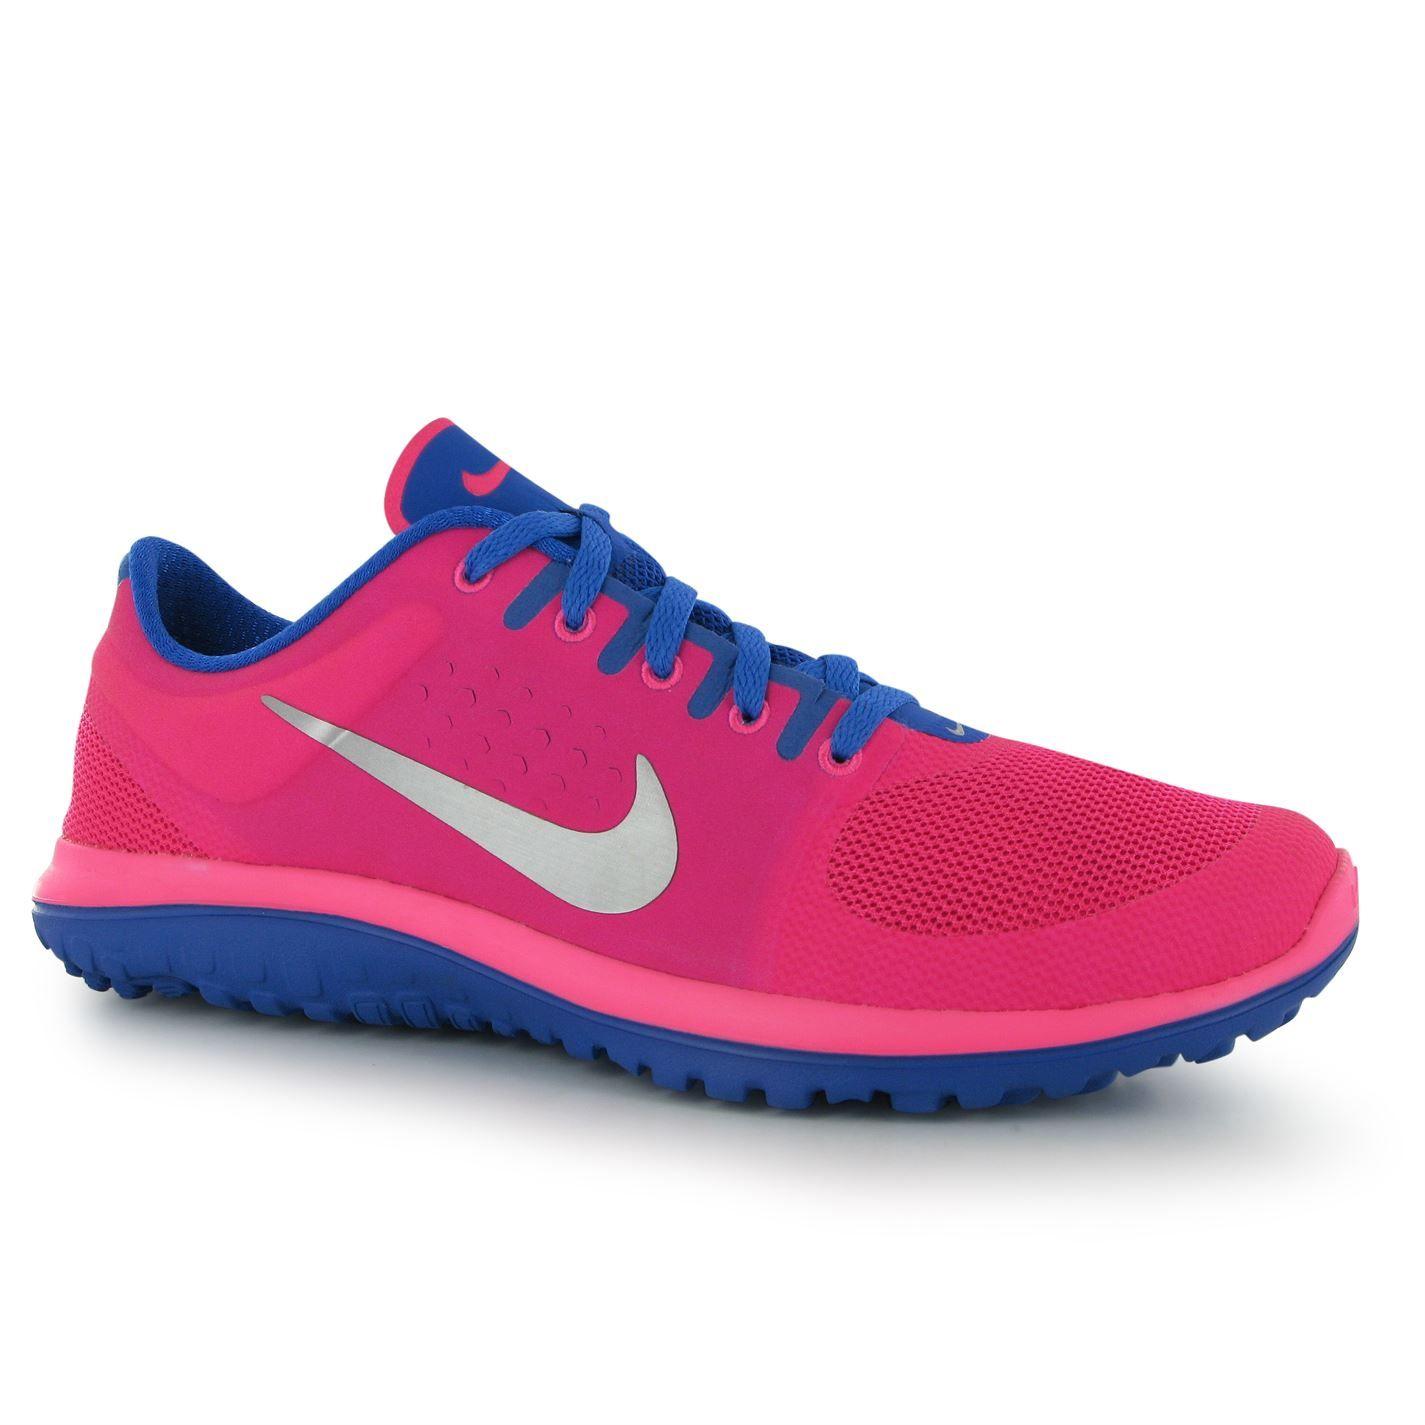 Nike Free 3.0 V5 Ext Chaussures Des Femmes En Cours D'exécution - Huile Sp15 rabais moins cher collections de sortie IRUv3gJ